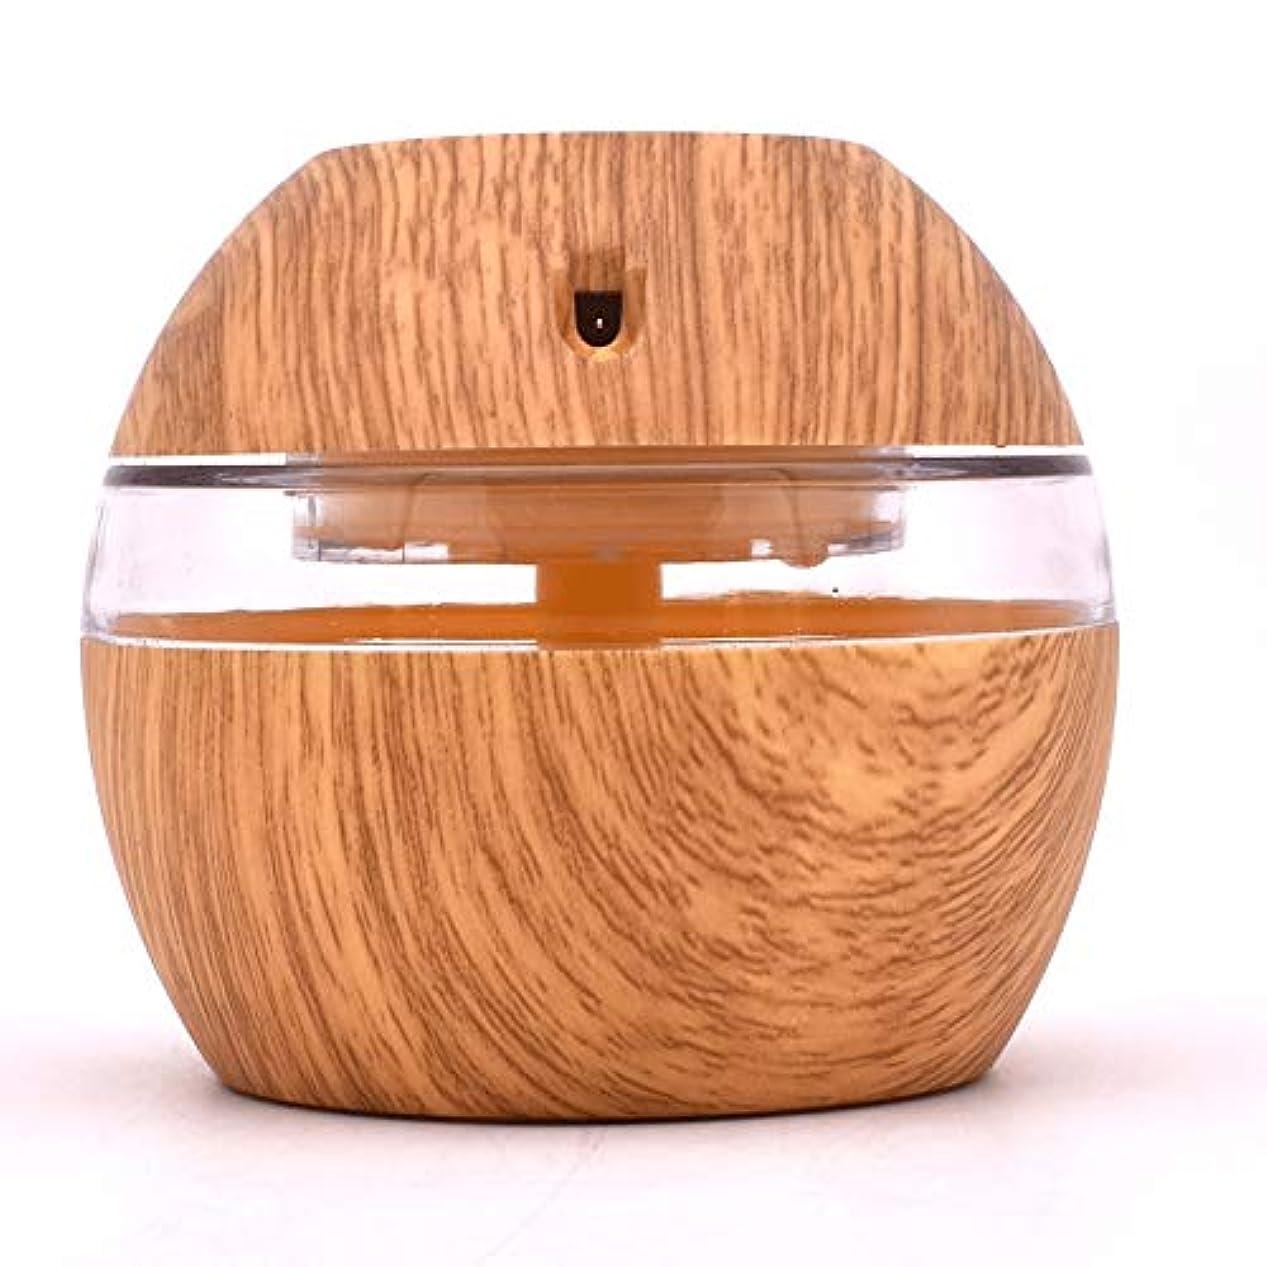 再発する大邸宅好む300ML Aroma Diffuser Essential Oil Diffuser With 7 Color LED Lights Waterless Auto Off